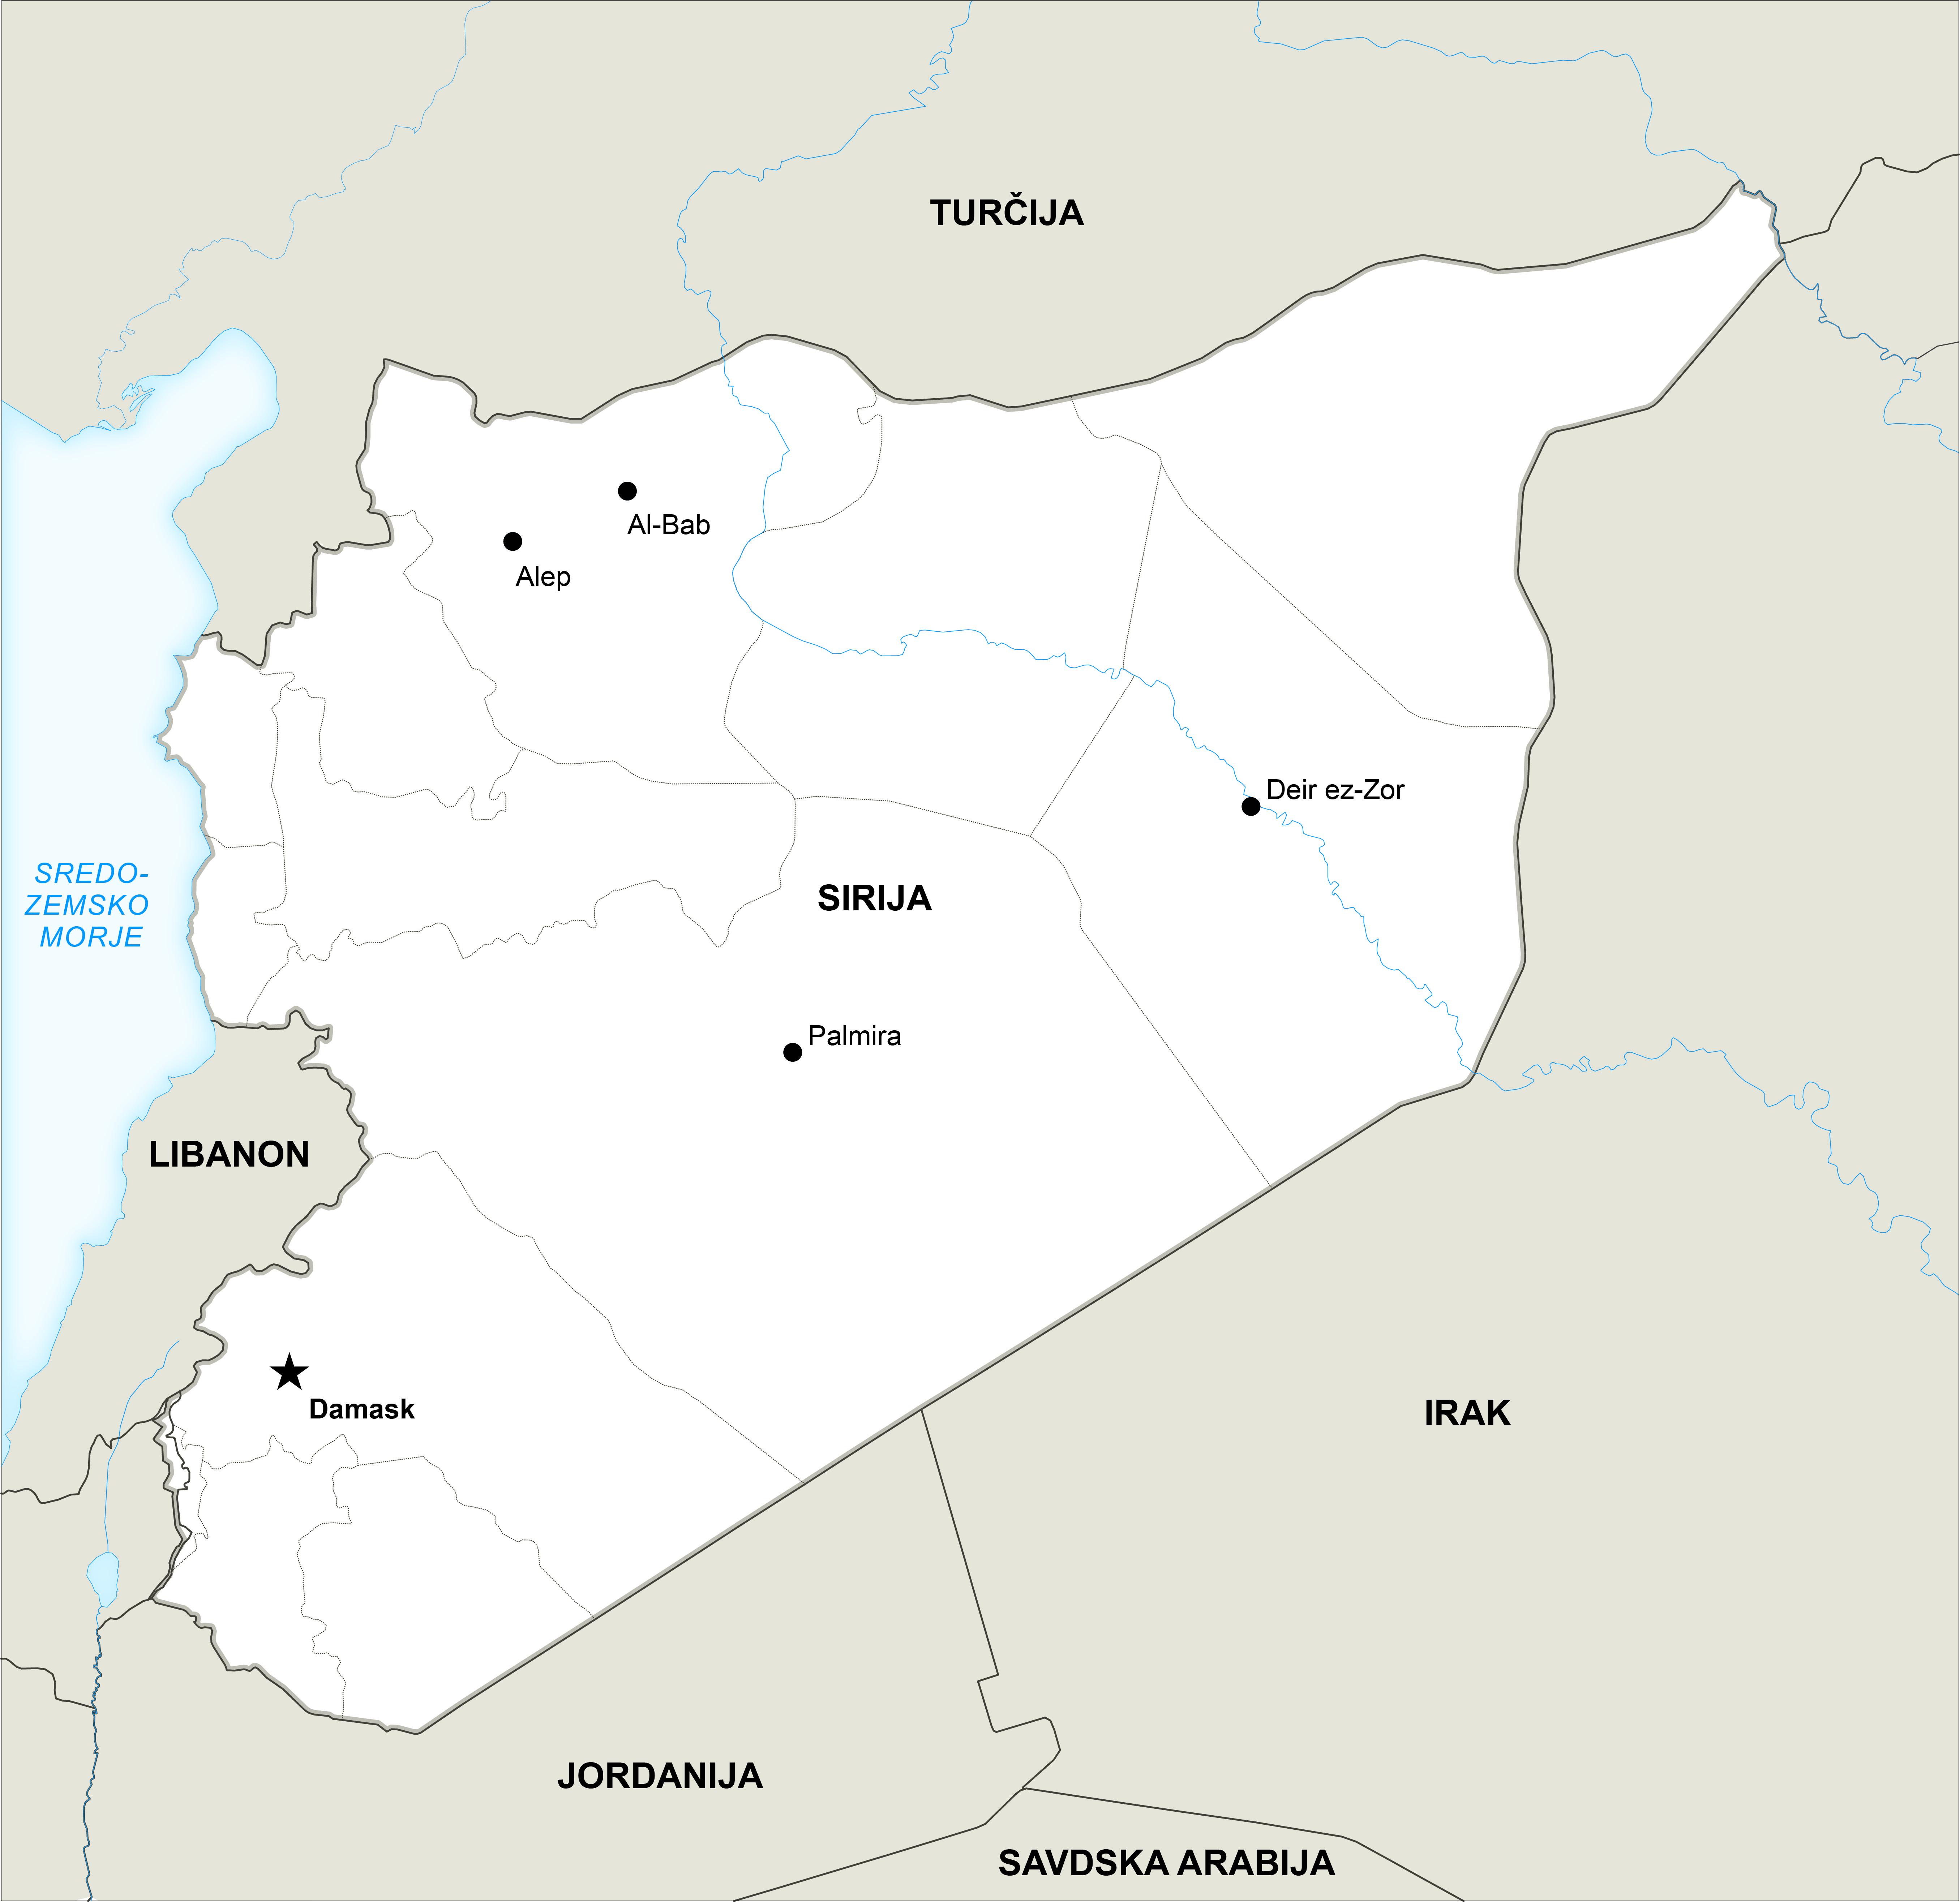 Čeprav je ISIS v zadnjem času dosegel nekaj uspehov v Palmiri in Deir ez-Zoru, je teroristična skupina v resnici v težkem položaju in se srdito bori za svoje preživetje. Njihovi pripadniki sedaj napadajo mesto Deir ez-Zor, ki je zadnja enklava pod nadzorom vlade v vzhodnem delu države. Na sliki: zemljevid Sirije. Vir: Onetopmap/RBTH